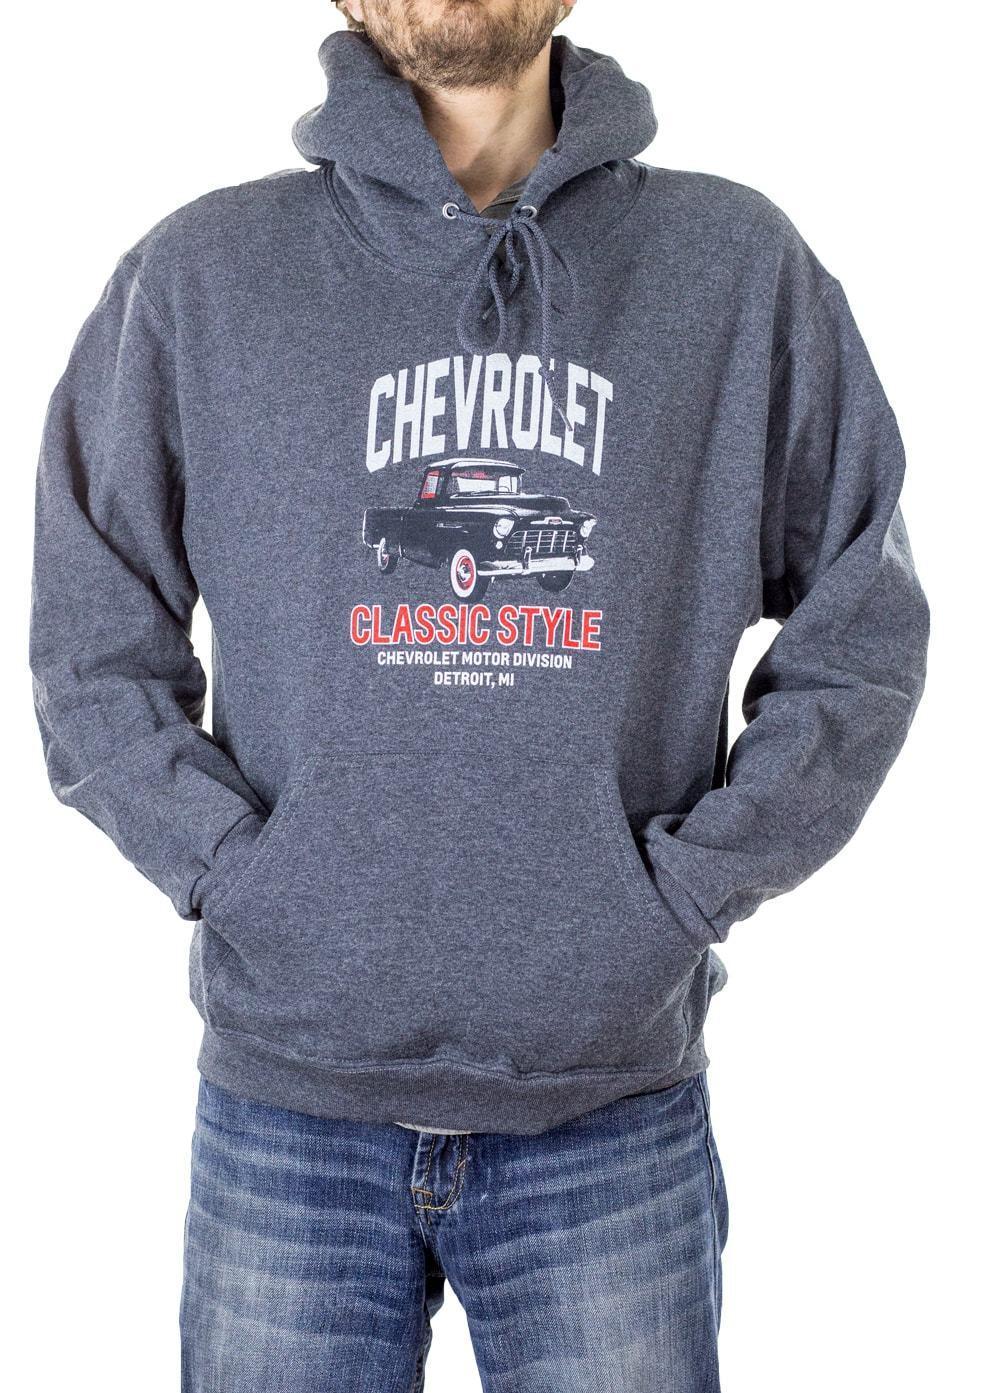 Chevrolet Classic Stlye Heather Hoodie Sweatshirt